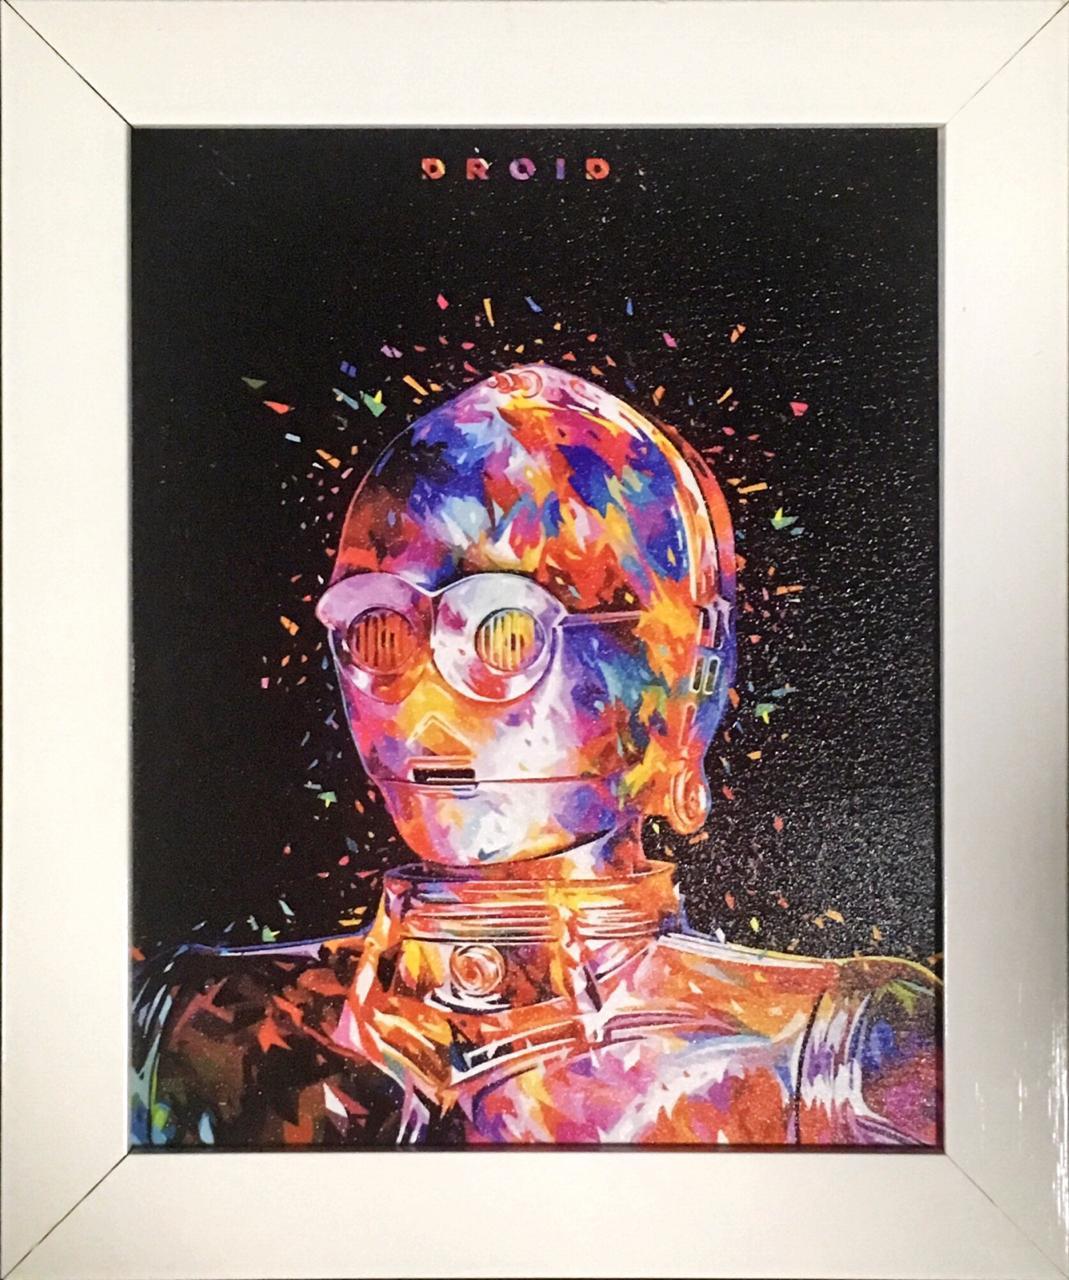 Quadro com Moldura: C-3PO (Star Wars) - (24x29)